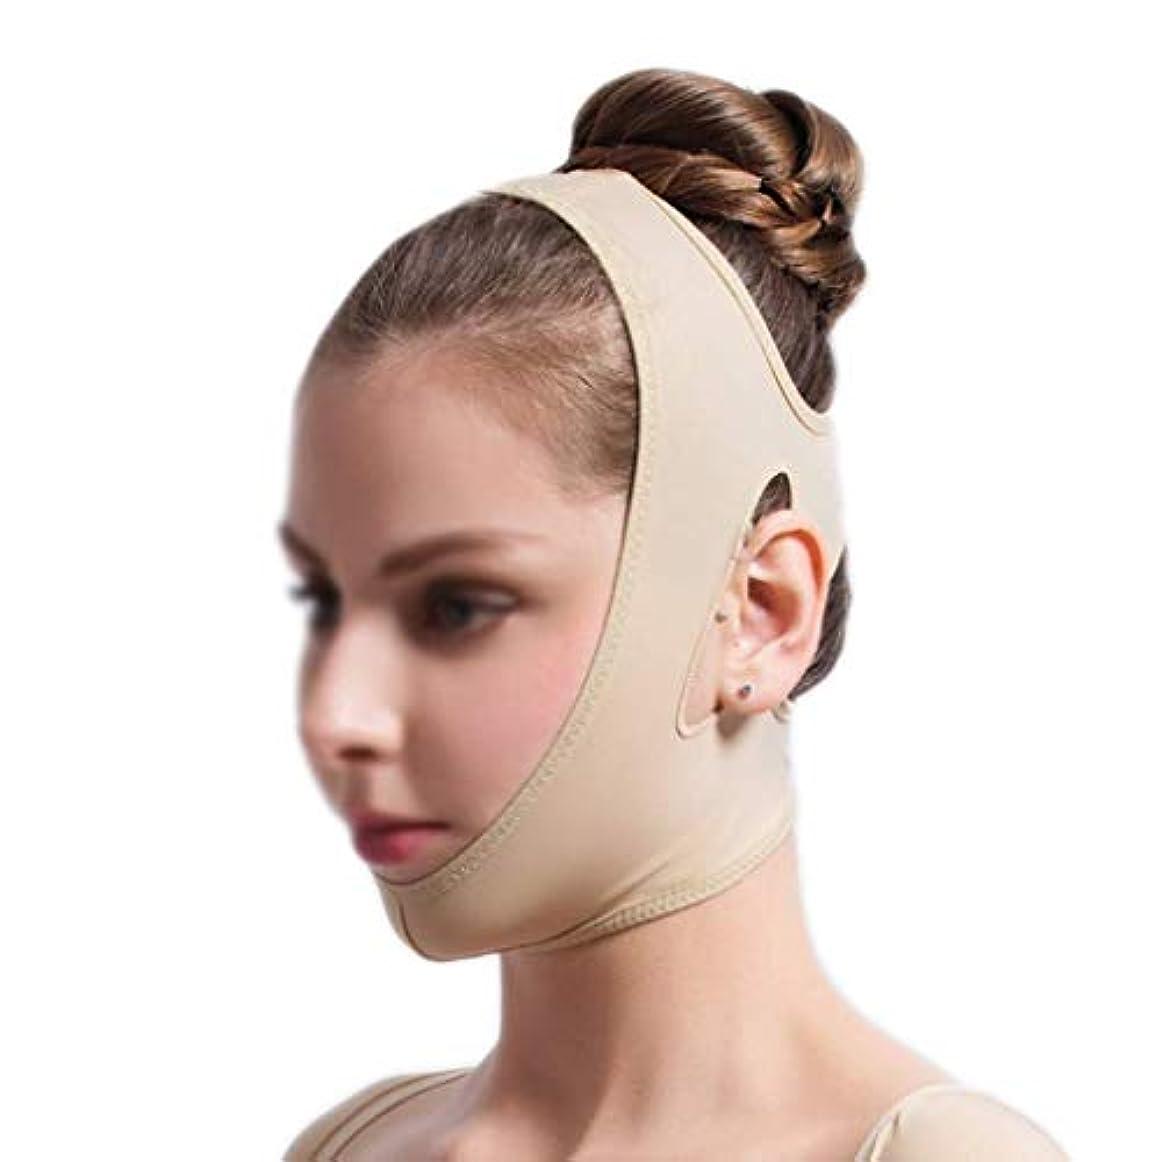 フェイスリフティングバンデージ、フェイシャル減量マスク、フェイシャルリフティングスリミングベルト、痩身チークマスク(サイズ:S),XL